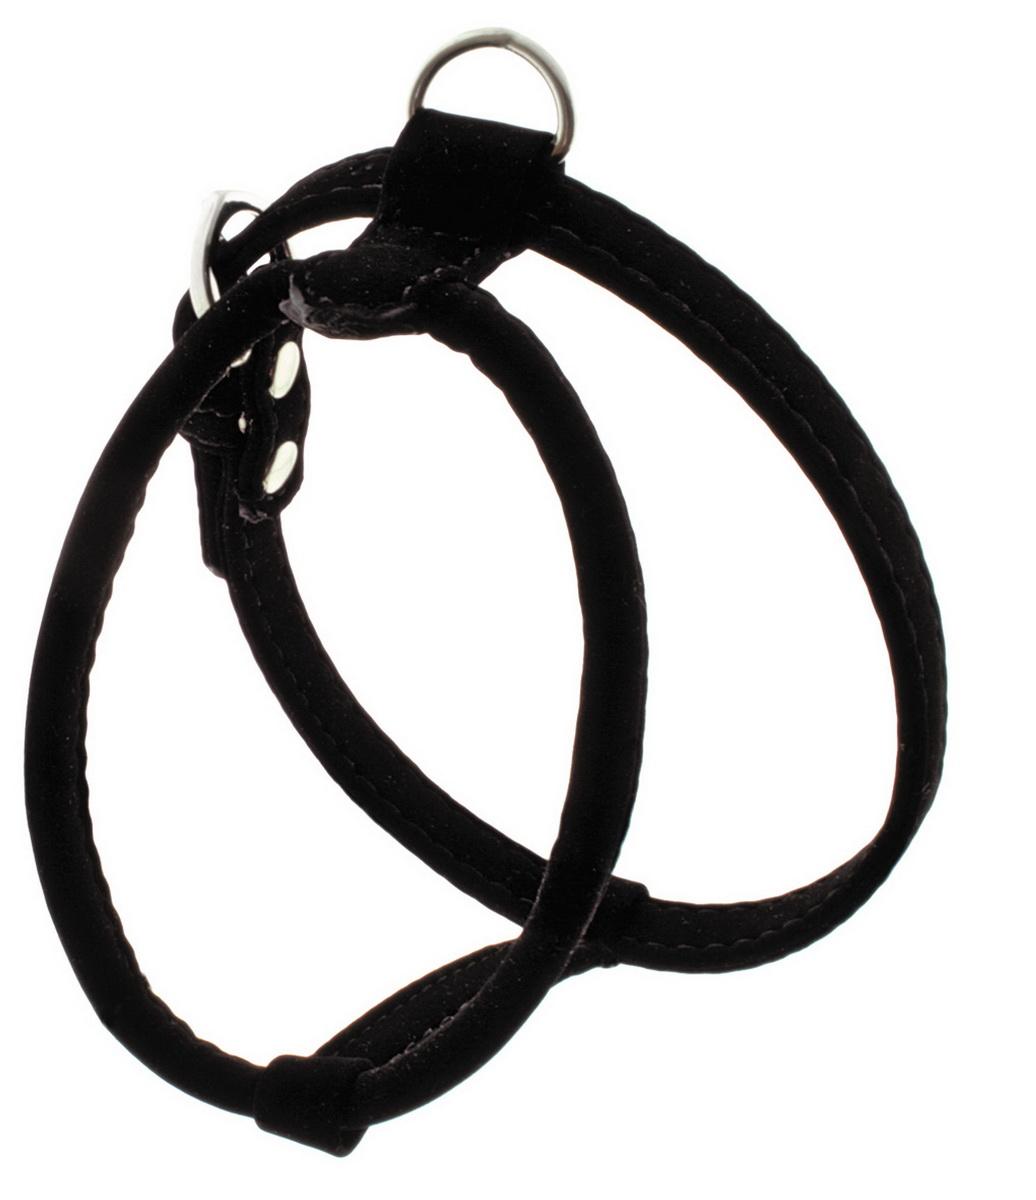 Шлейка для собак Dezzie, цвет: черный, ширина 1 см, обхват шеи 25 см, обхват груди 28-33 см. Размер S. 562400704421011кШлейка Dezzie изготовлена из бархата и подходит для собак мелких пород. Крепкие металлические элементы делают ее надежной и долговечной. Шлейка - это альтернатива ошейнику. Правильно подобранная шлейка не стесняет движения питомца, не натирает кожу, поэтому животное чувствует себя в ней уверенно и комфортно. Изделие отличается высоким качеством, удобством и универсальностью. Имеется металлическое кольцо для крепления поводка. Размер регулируется при помощи пряжек.Ширина шлейки: 1 см. Обхват шеи 25 см. Обхват груди: 28-33 см.